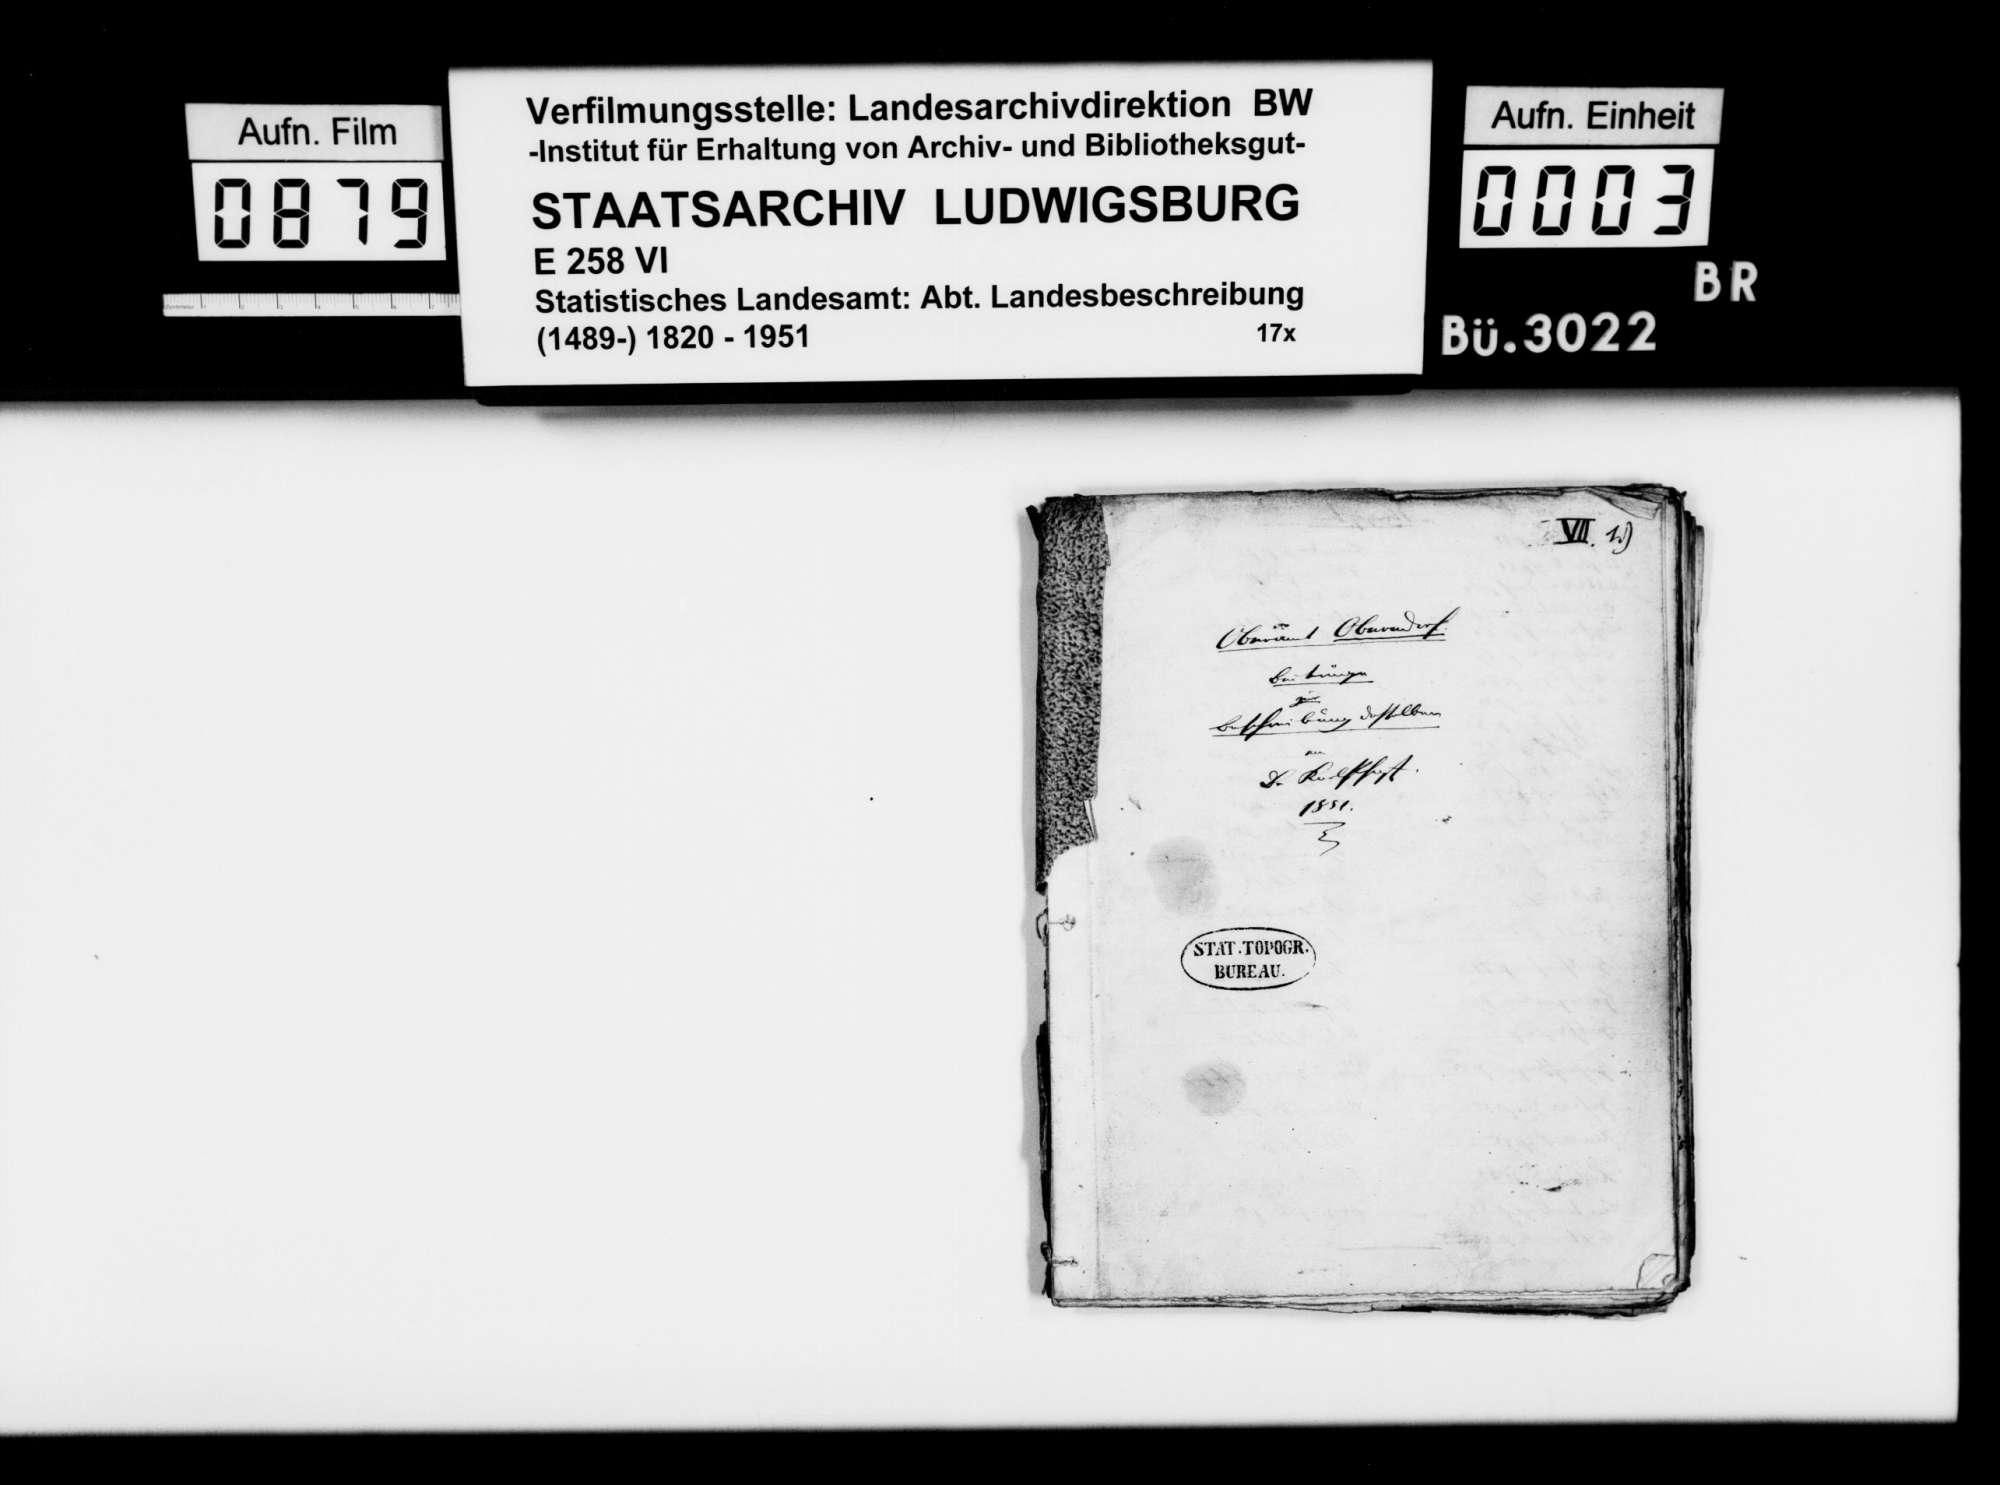 Beiträge des [Konrektors] Karl Pfaff [aus Esslingen] zur historiographischen Beschreibung des Oberamts, Bild 1